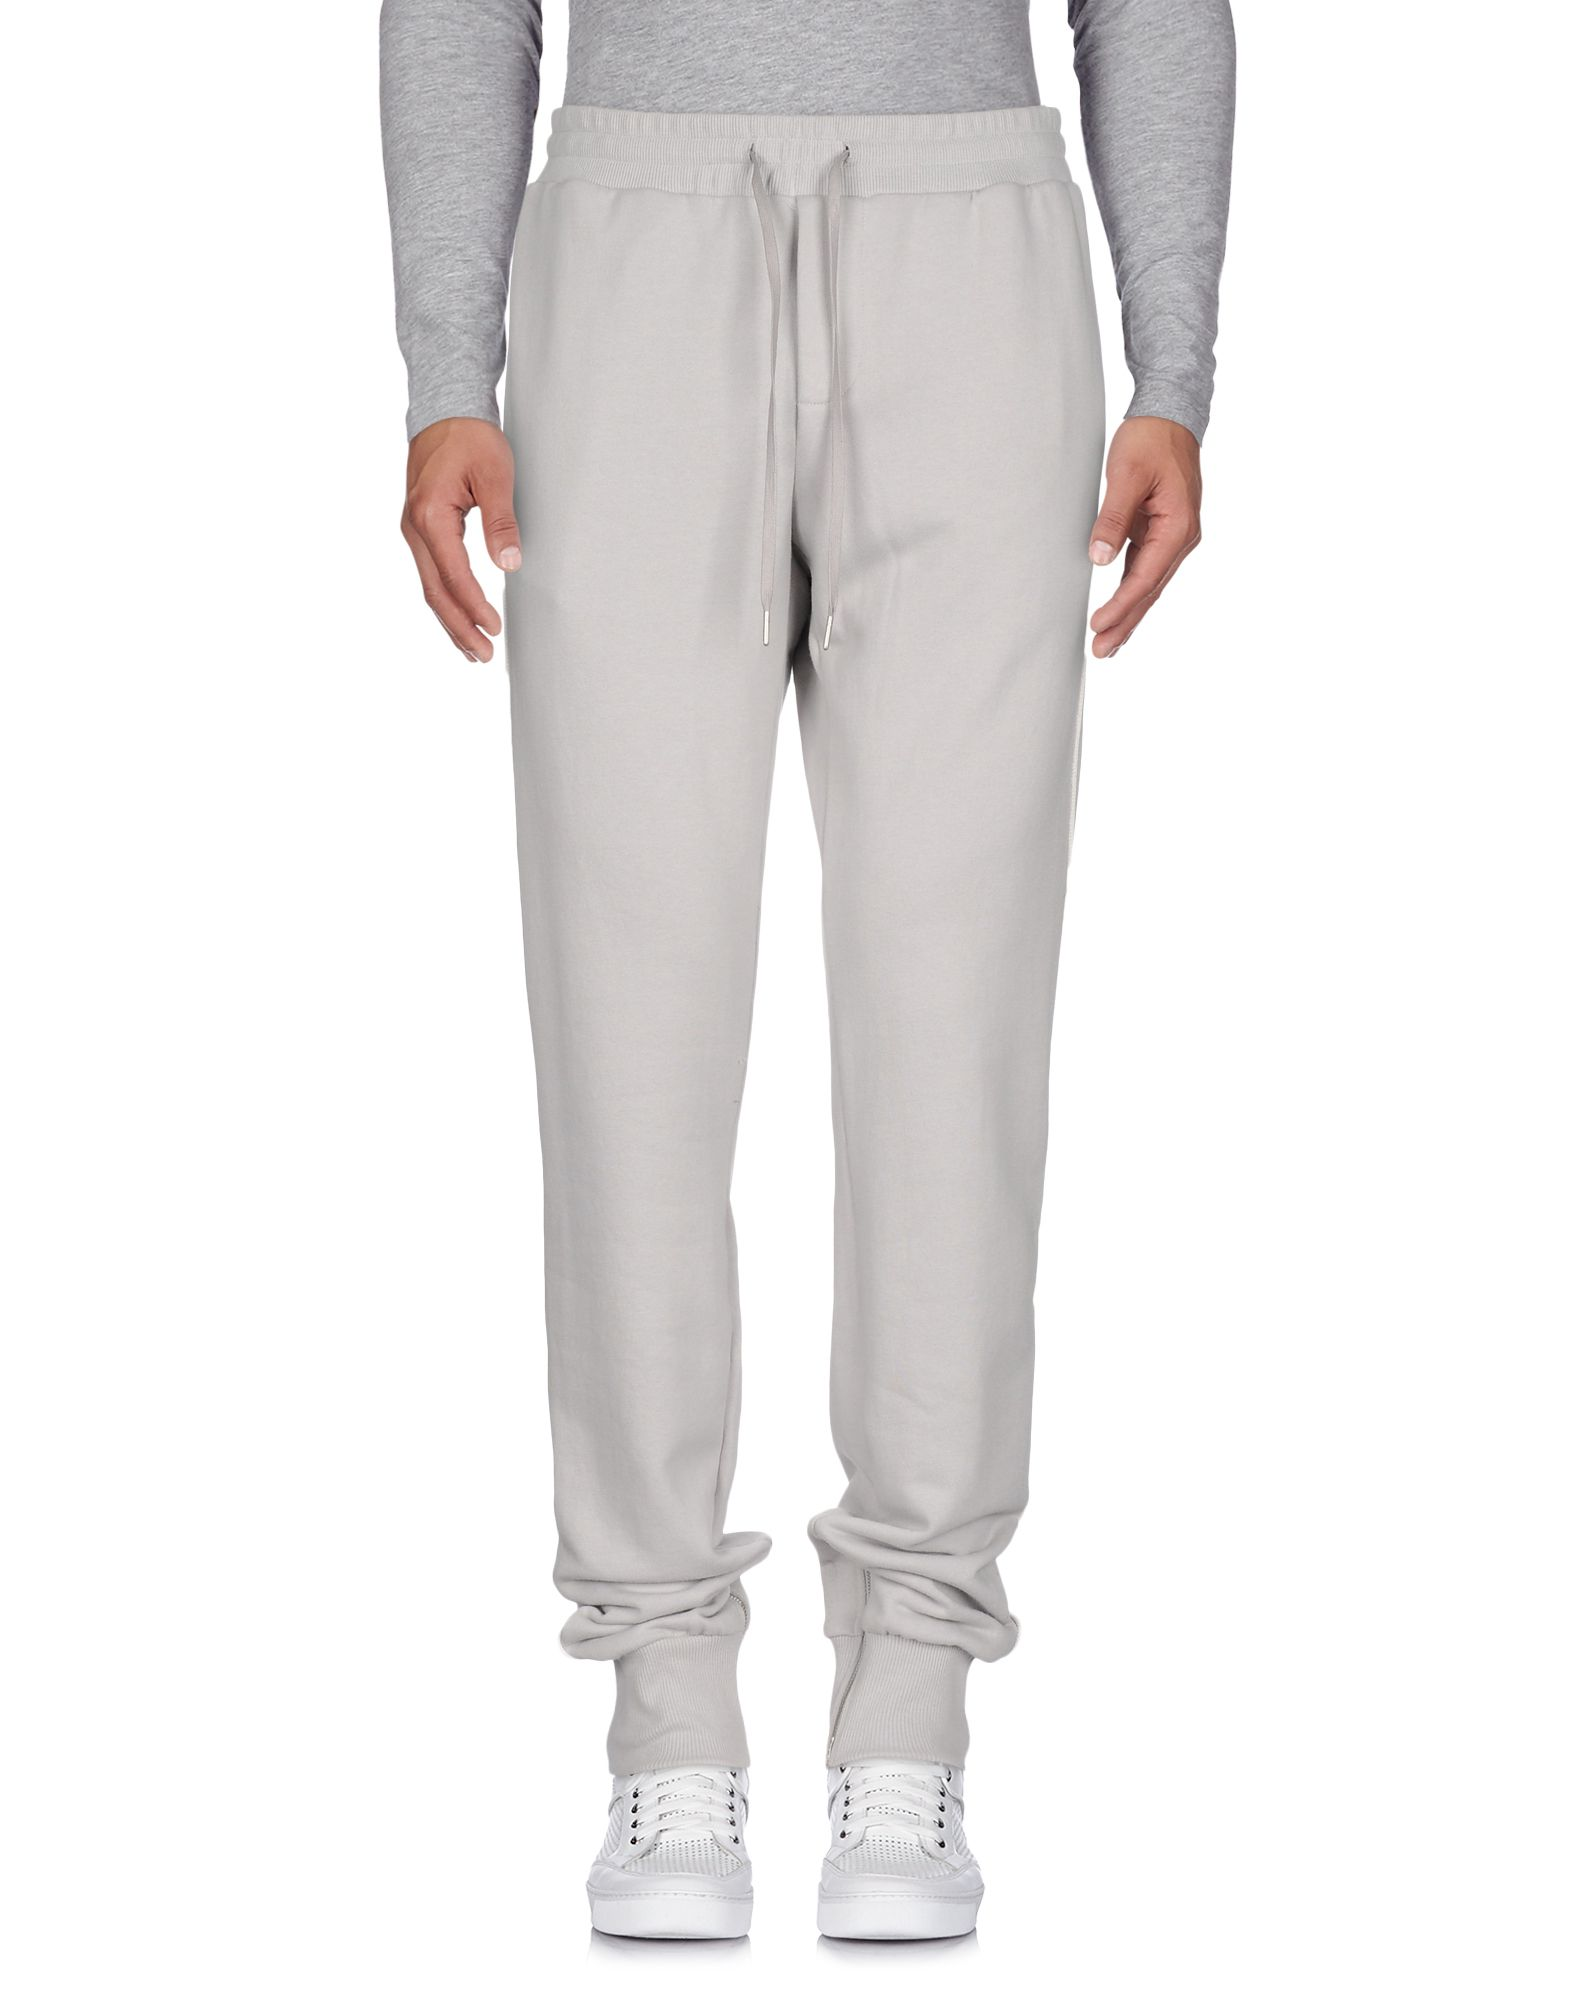 Pantalone Uomo Dbyd X Yoox Uomo Pantalone - 13149312NC 6125f9